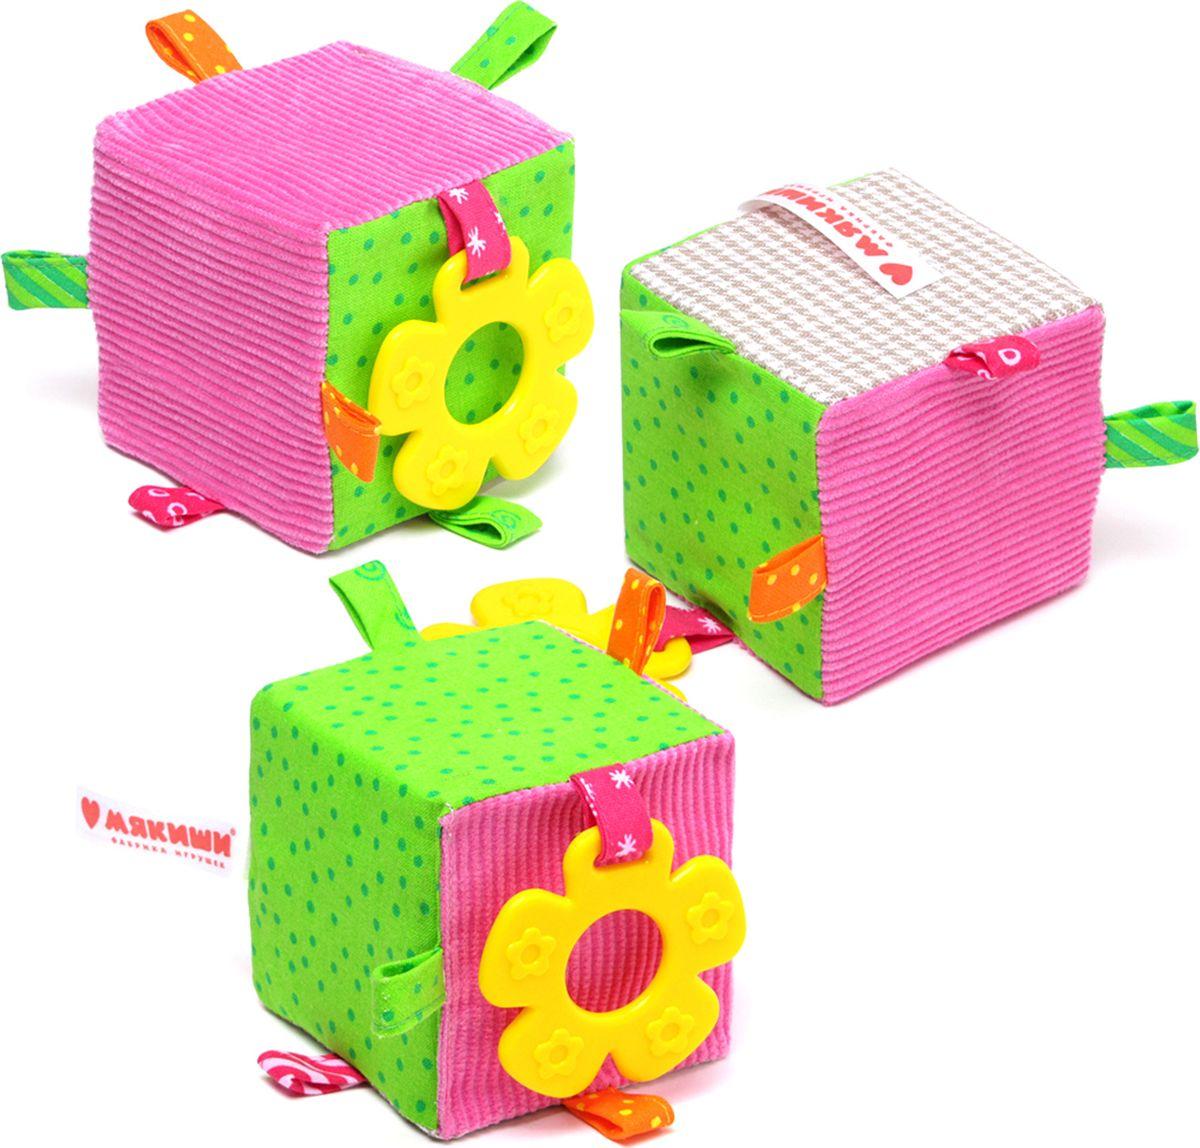 Мякиши Развивающая игрушка ЭкоМякиши Кубик с рунге кубик и тобик